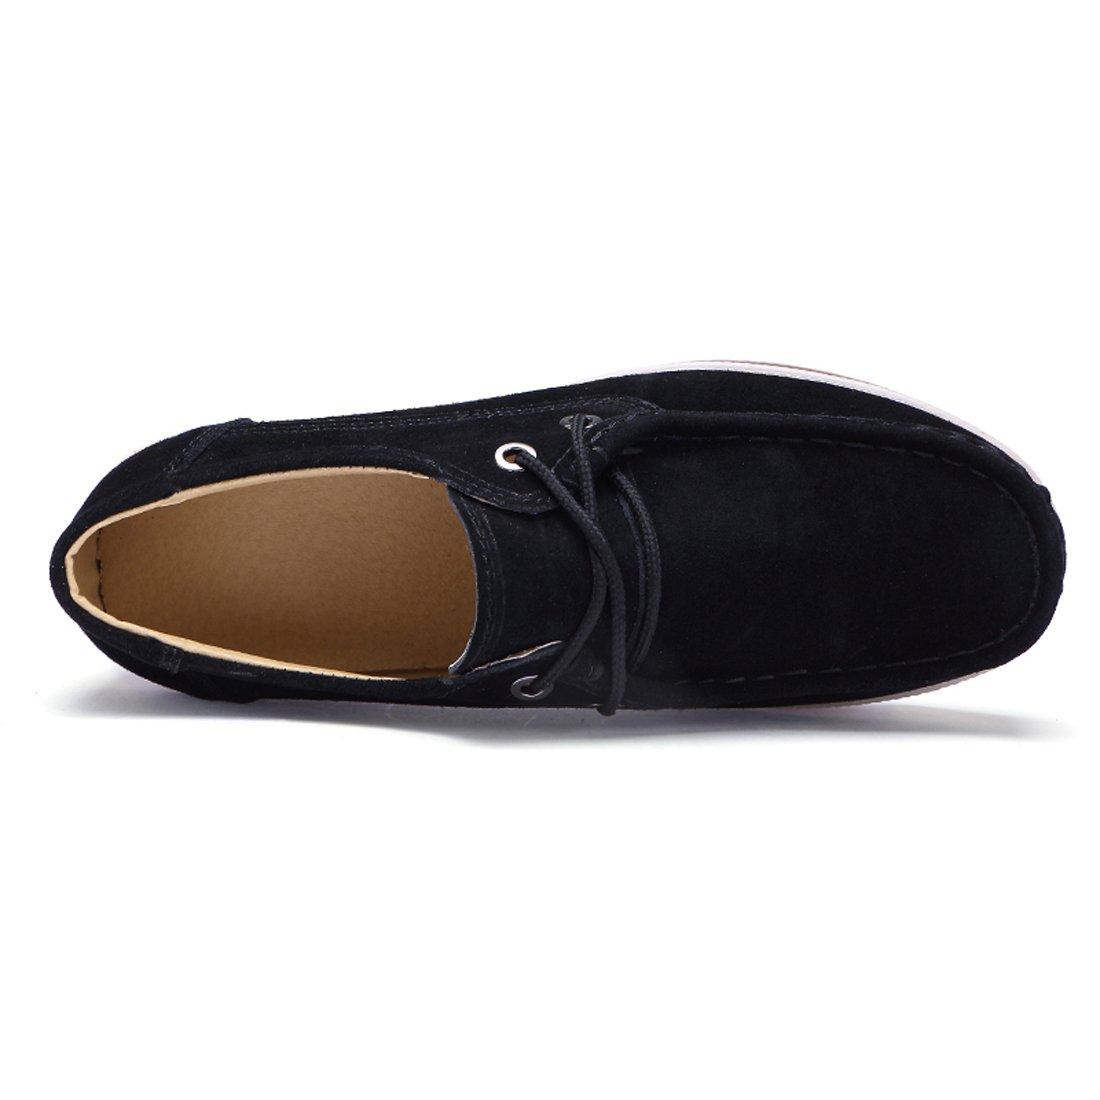 Z.SUO Mocassini Mocassini Mocassini Donna in Pelle Scamosciata Moda comode Loafers Scarpe da Guida Nero.1 2f6337